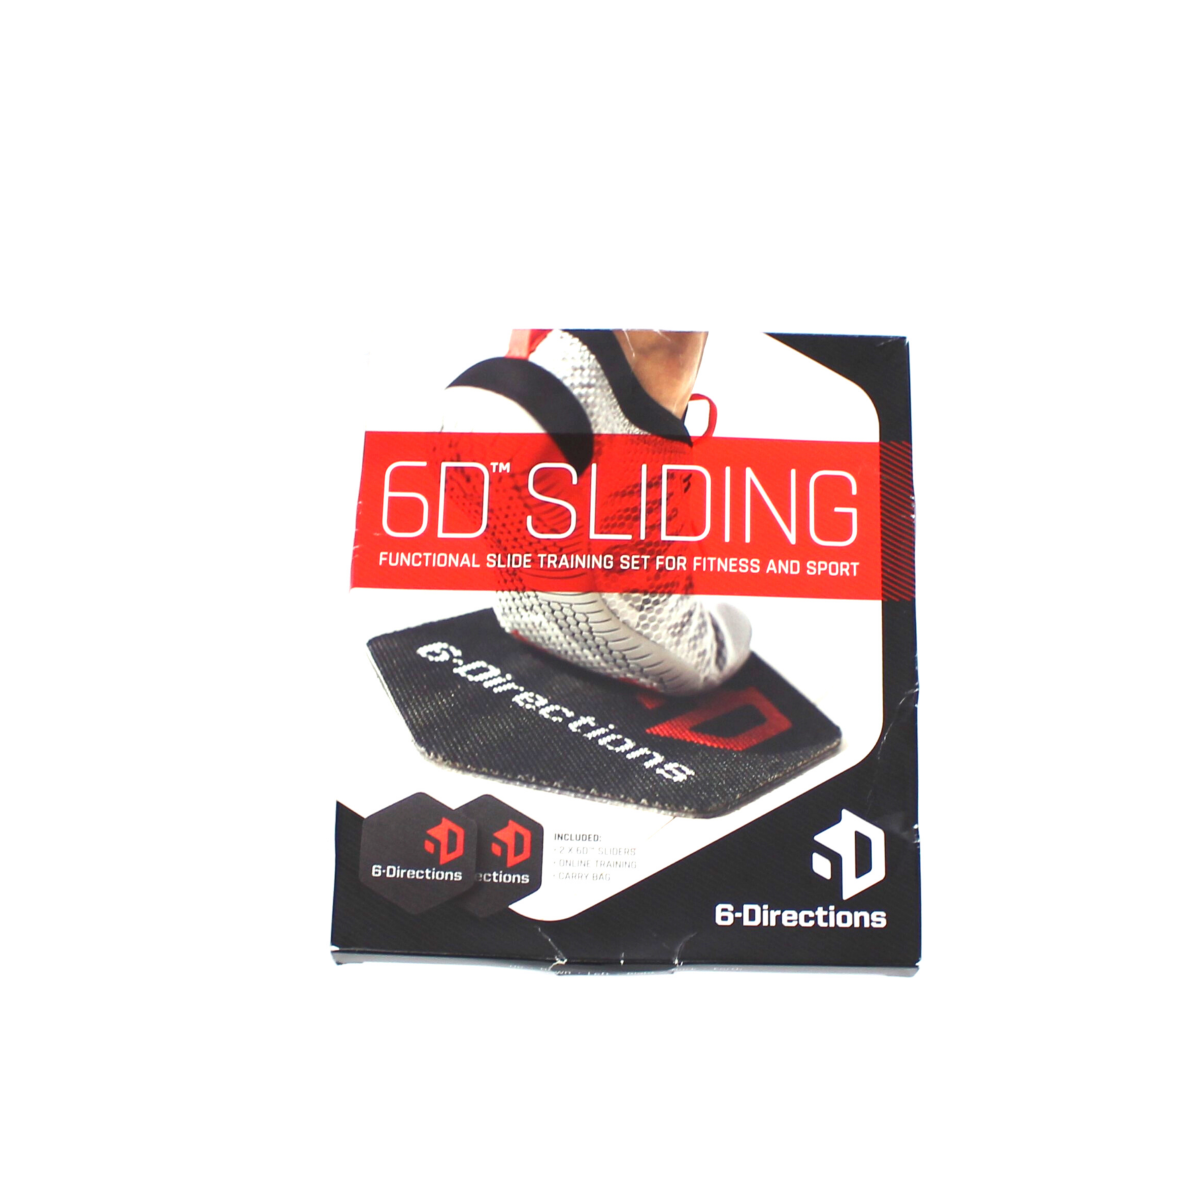 シックススライド【6D-Sliding】 フローリングに傷をつける心配なくトレーニングできる